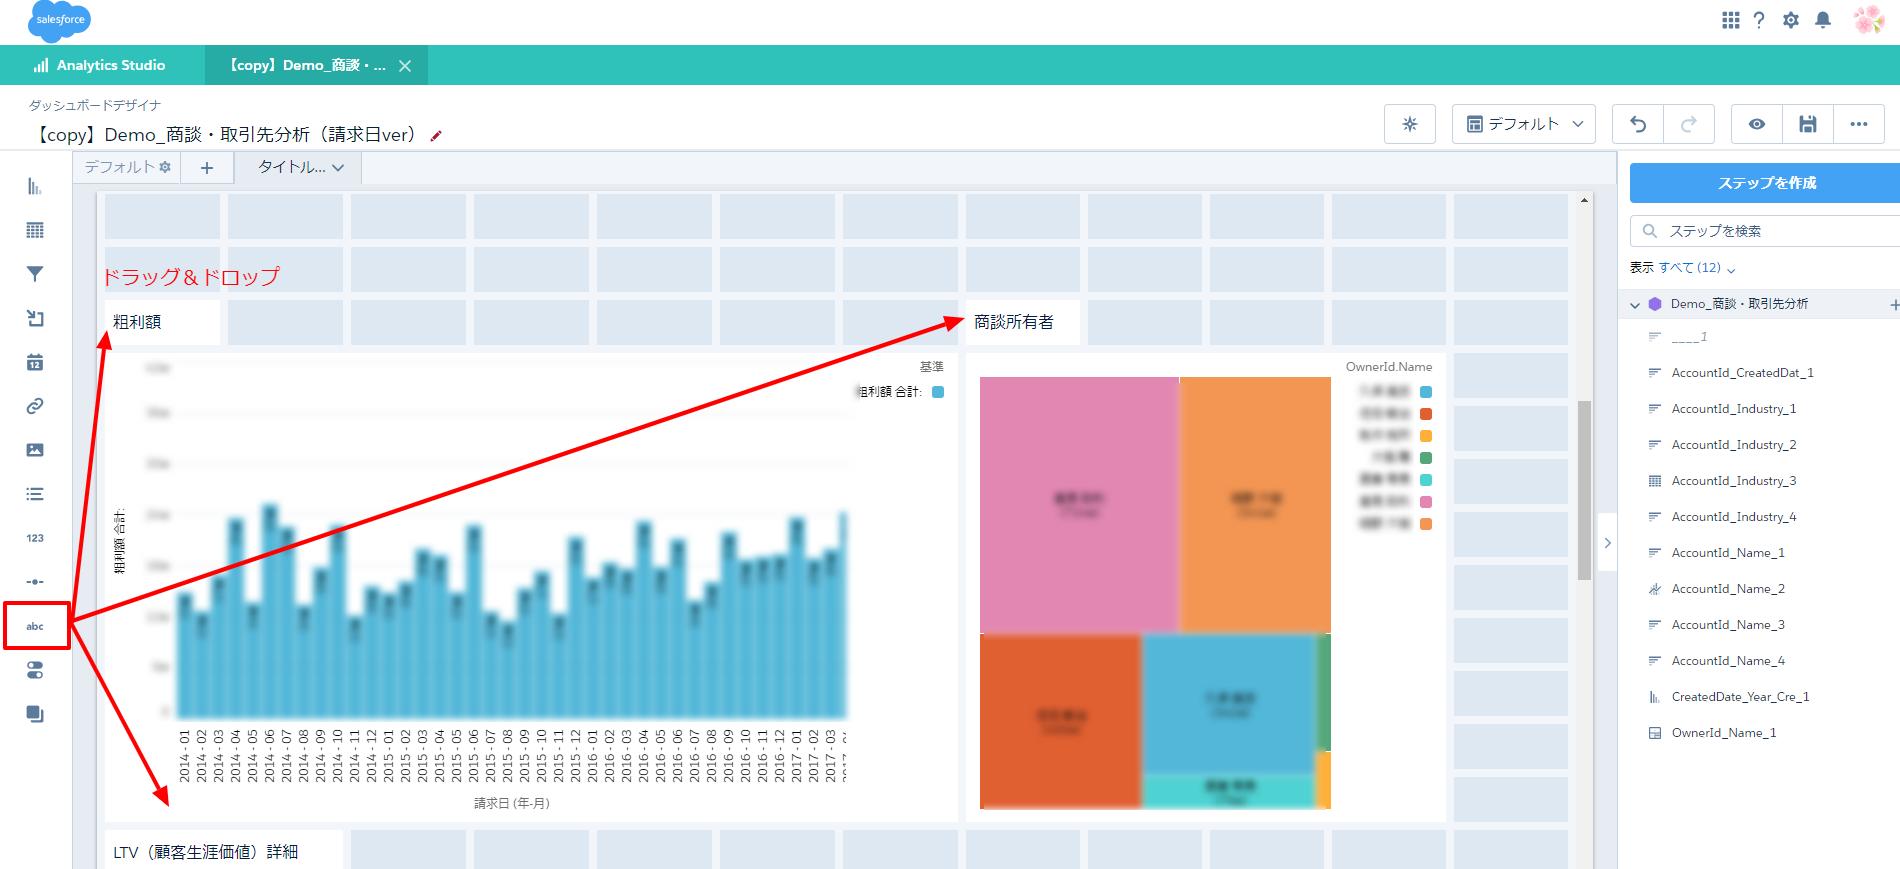 Einstein_Analytics_dashboard_howtomake_06_add